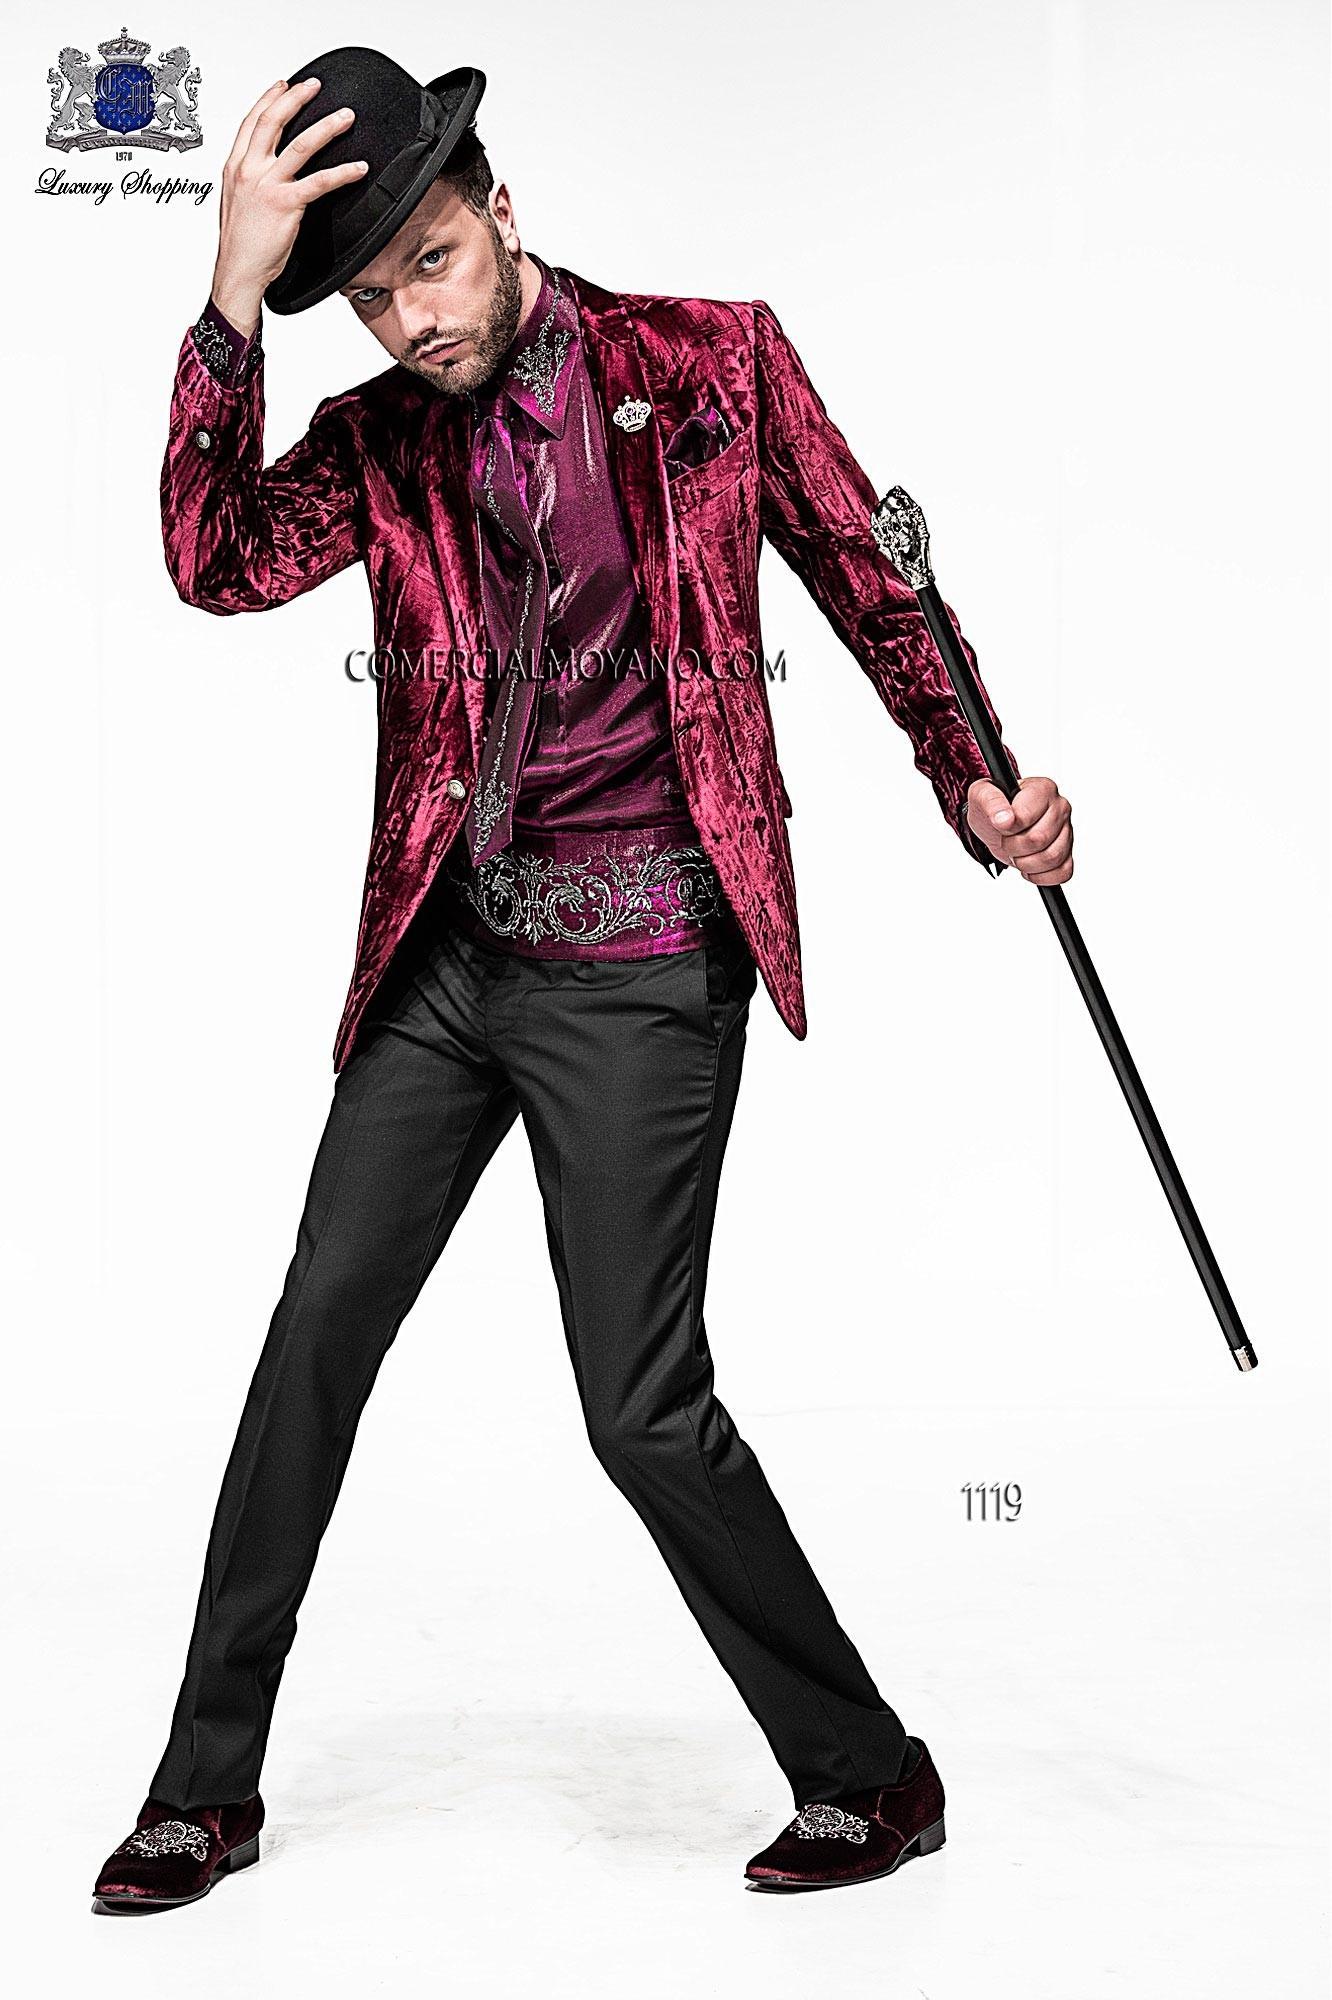 Traje de moda hombre malva modelo: 1119 Ottavio Nuccio Gala colección Emotion